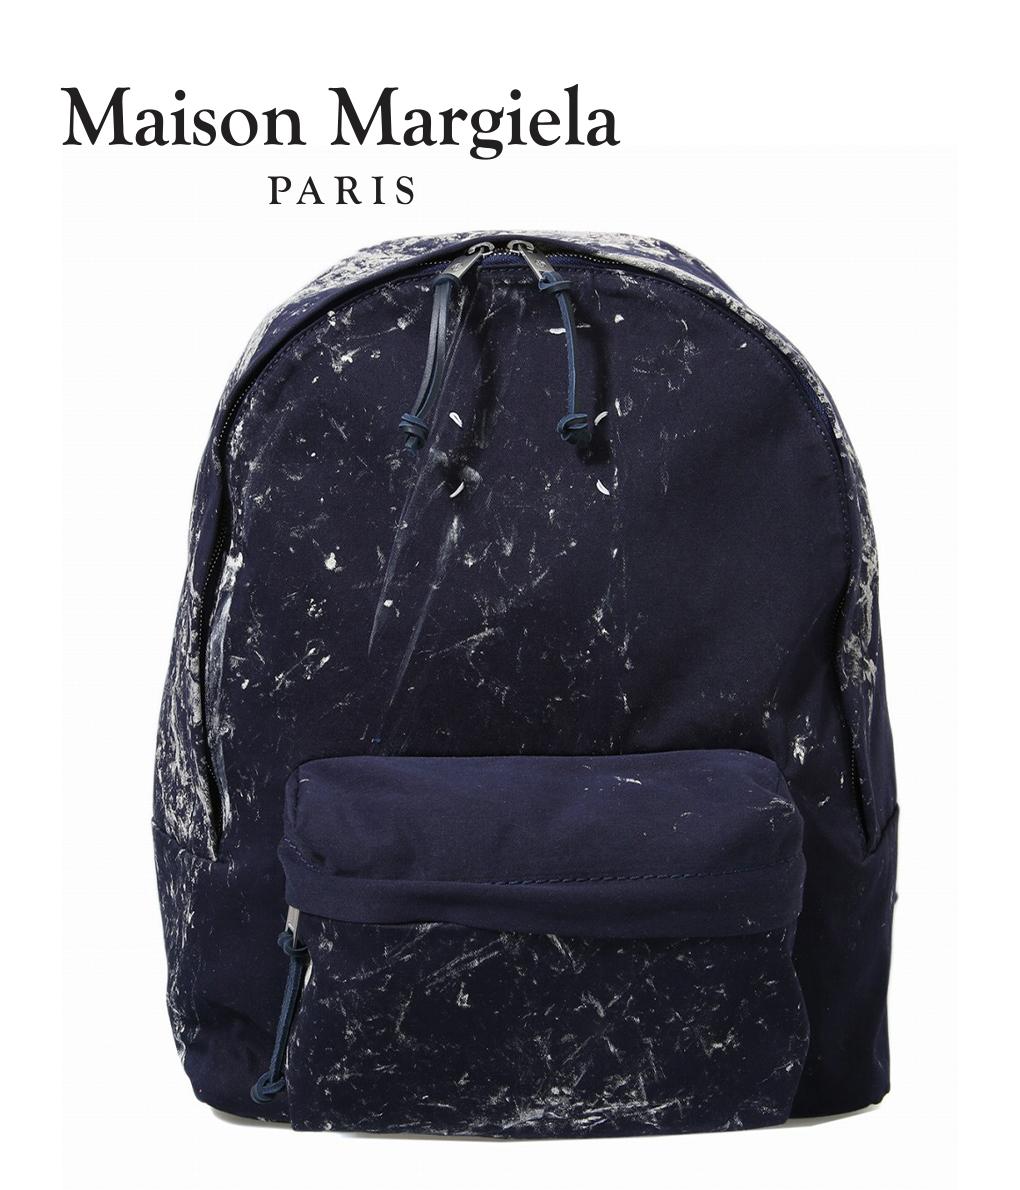 Maison Margiela / メゾン マルジェラ : BACK PACK DYED : バックパック バッグ タイダイ メンズ : S55WA0053-PS312 【RIP】